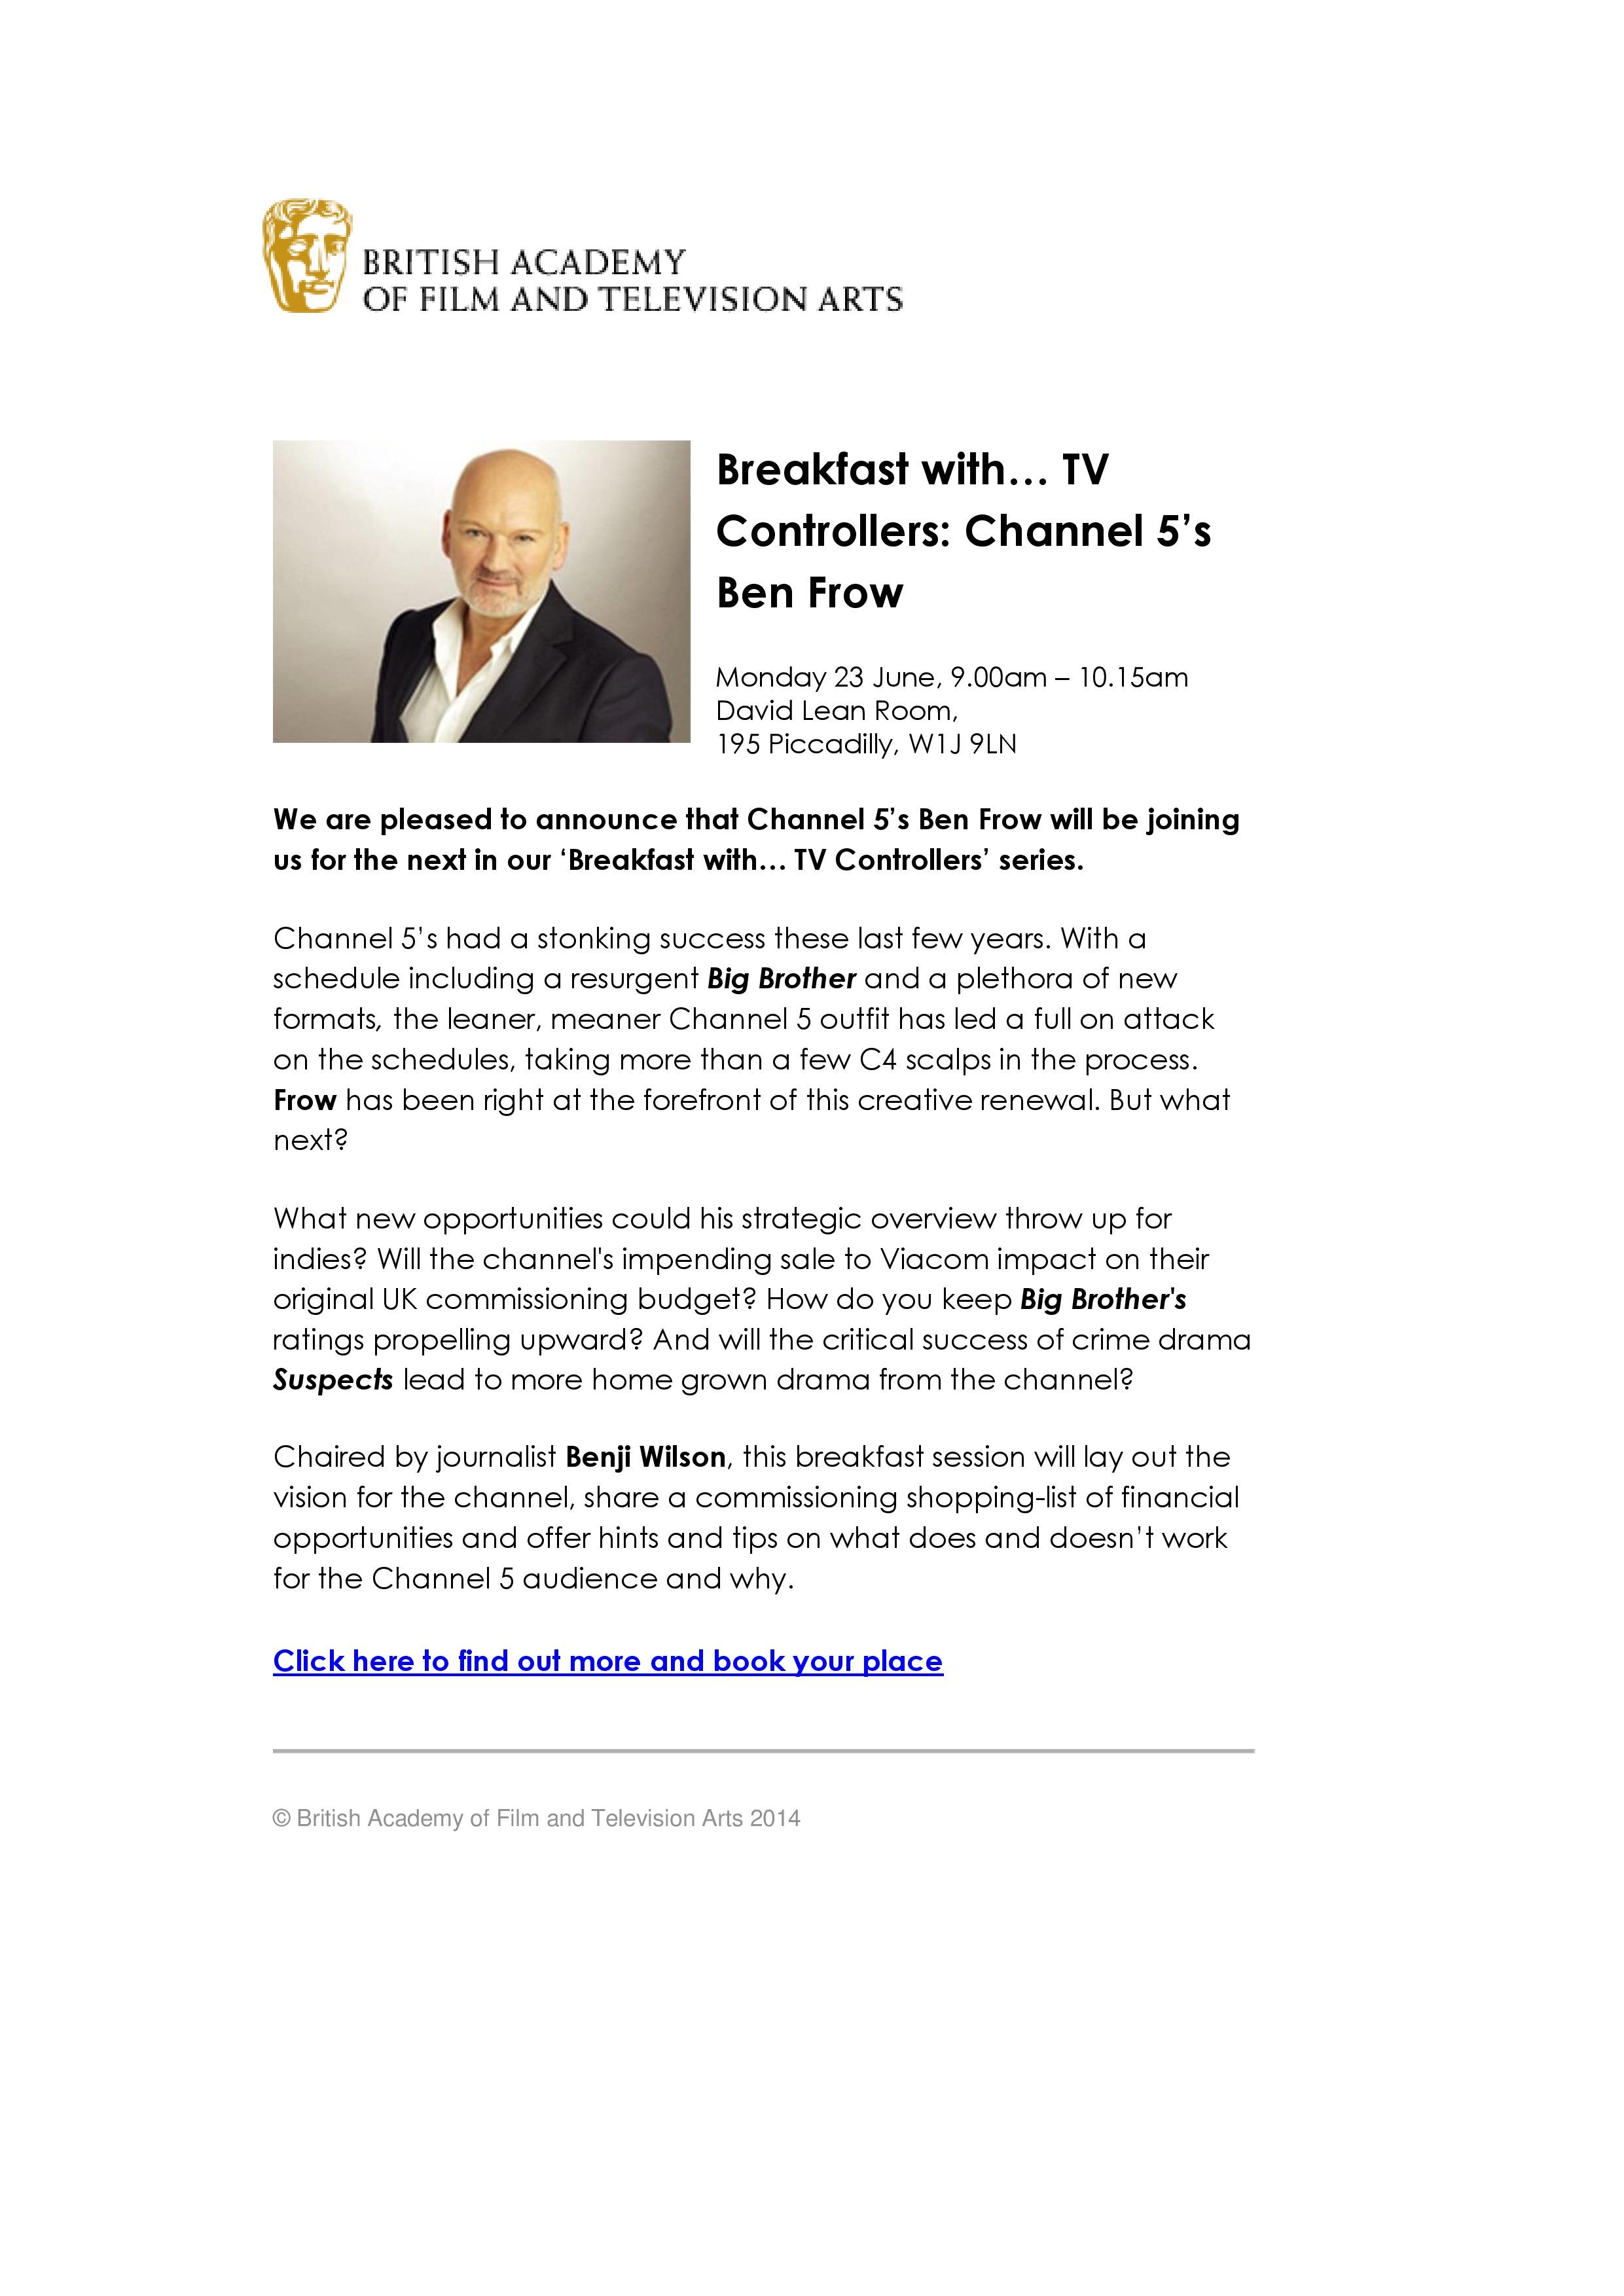 EVENT_BAFTA - Breakfast with Ben Frow C5, June 2014